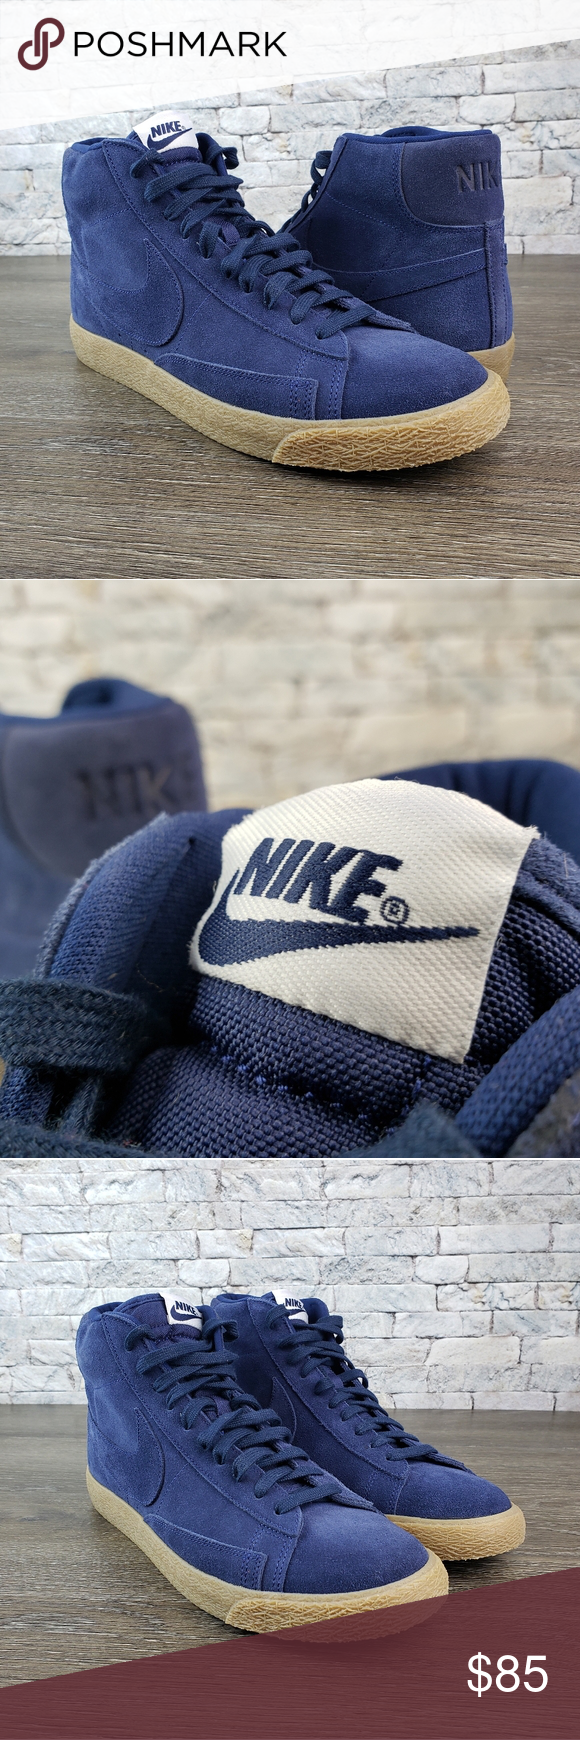 Nike Blazer Mid Premium Binary Blue Nike Blazer Blue Suede Nike